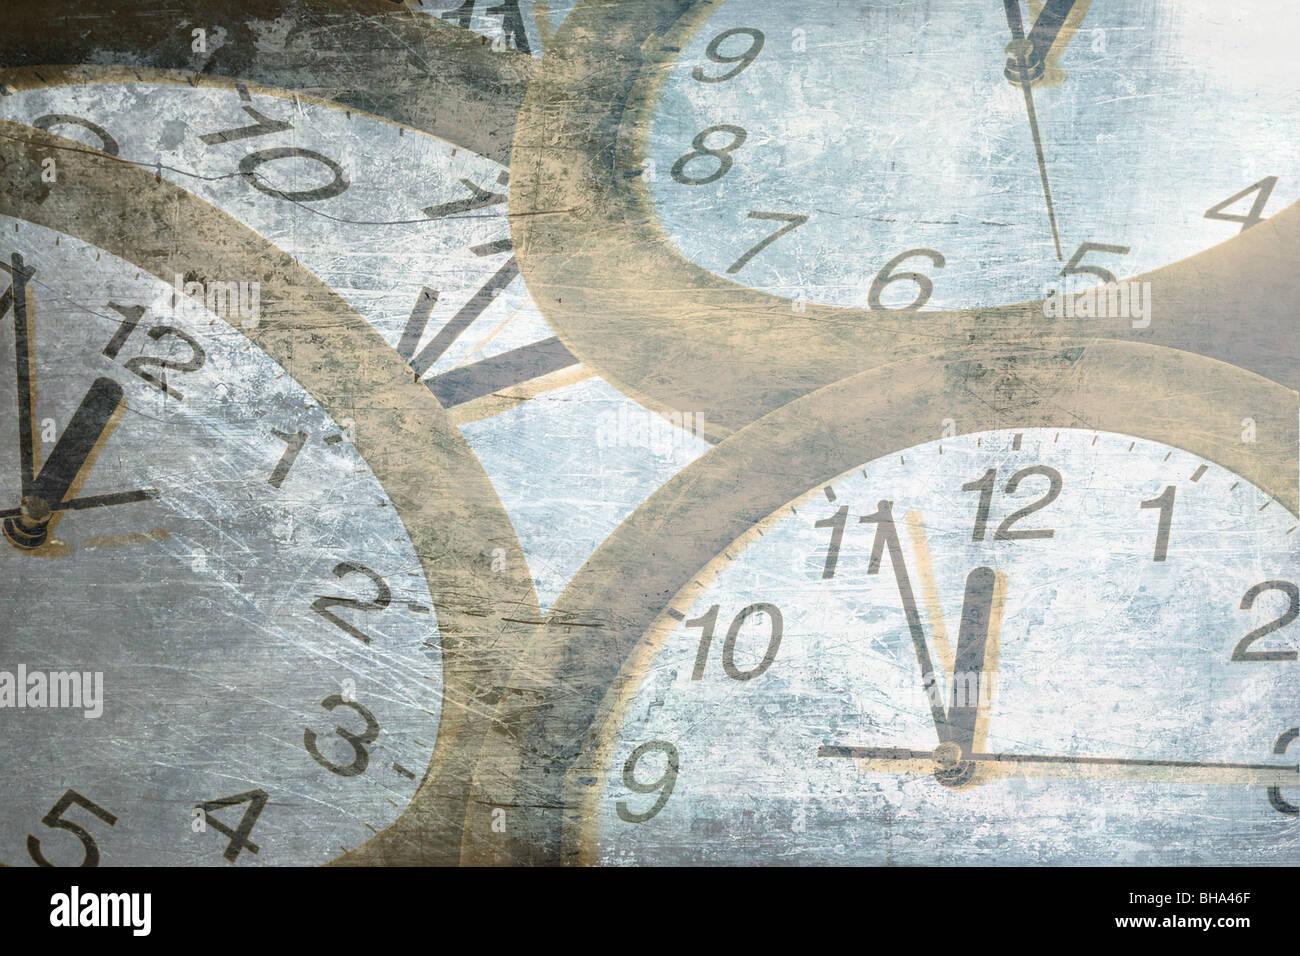 Tiempo abstracto concepto antiguo reloj . Imagen De Stock